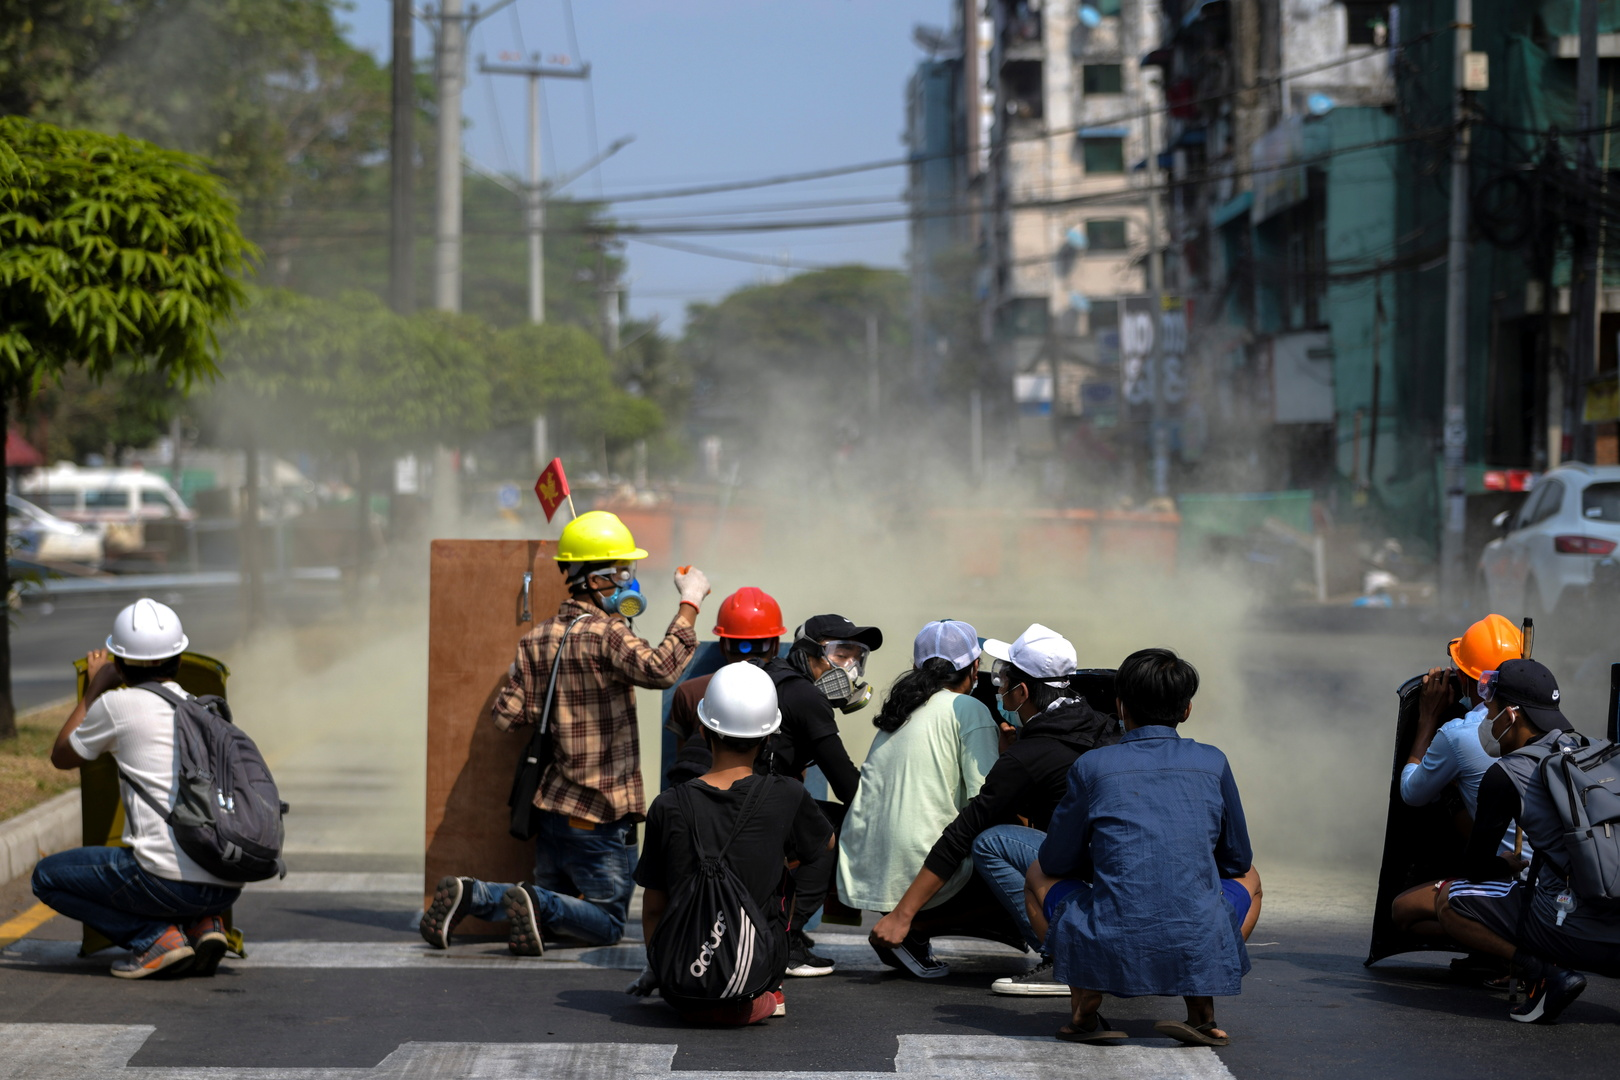 الأمم المتحدة: 18 قتيلا على الأقل خلال فض مظاهرات في ميانمار